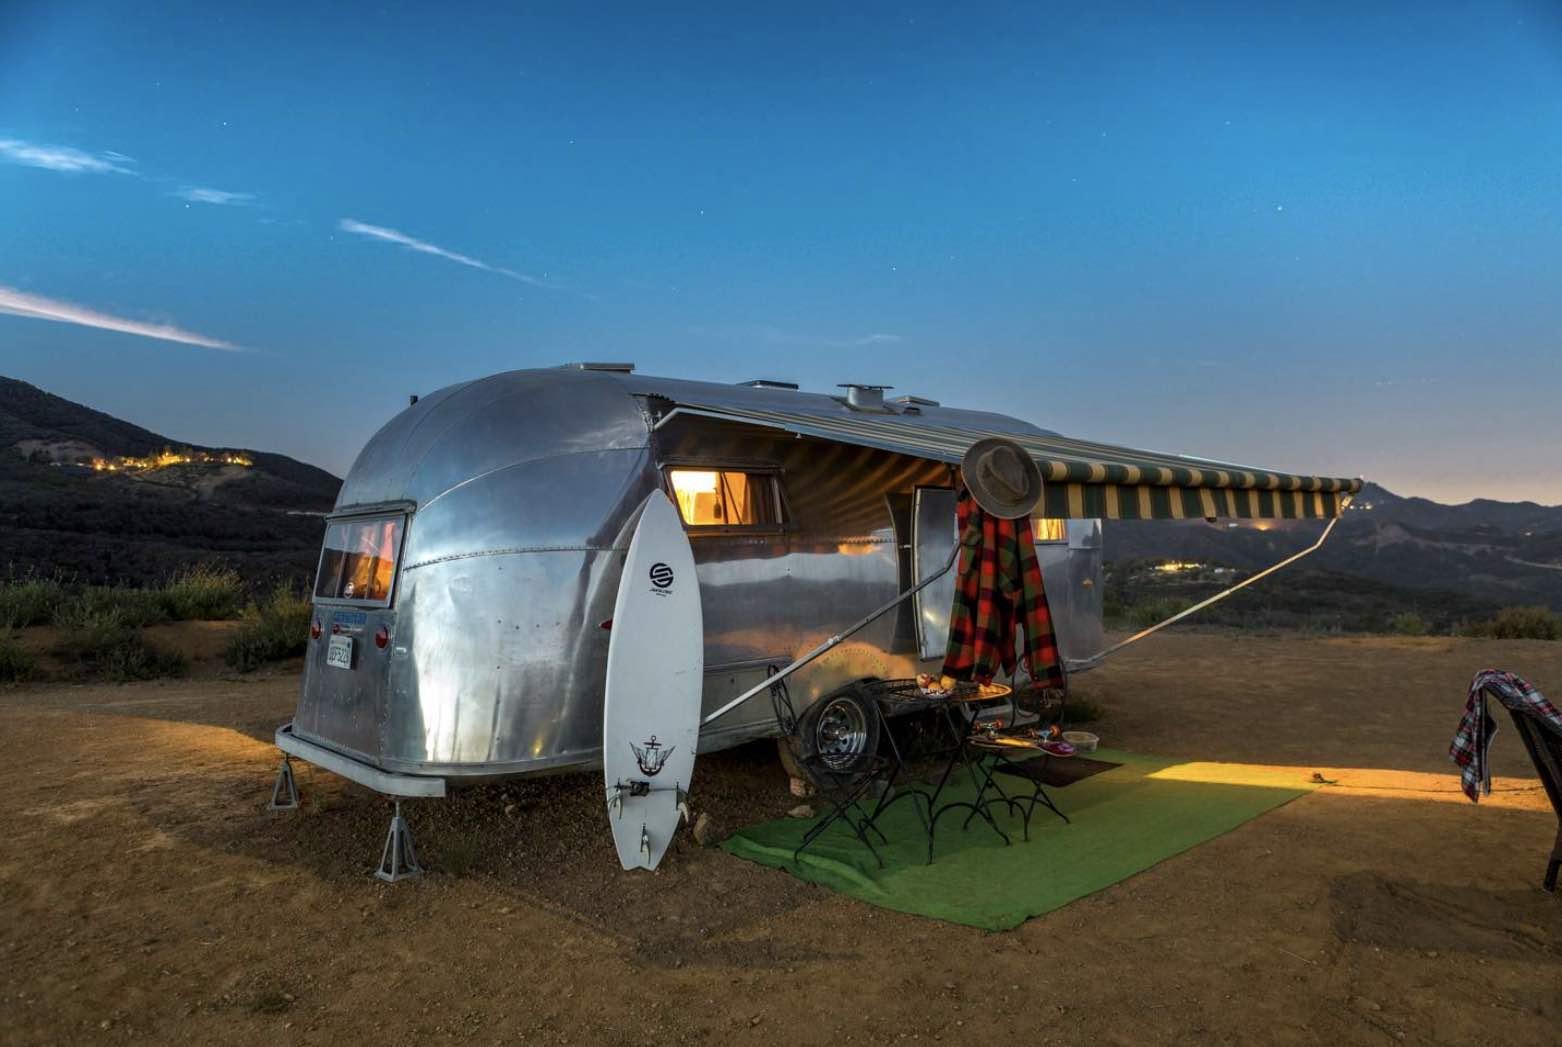 airbnb-airstream-unique-properties